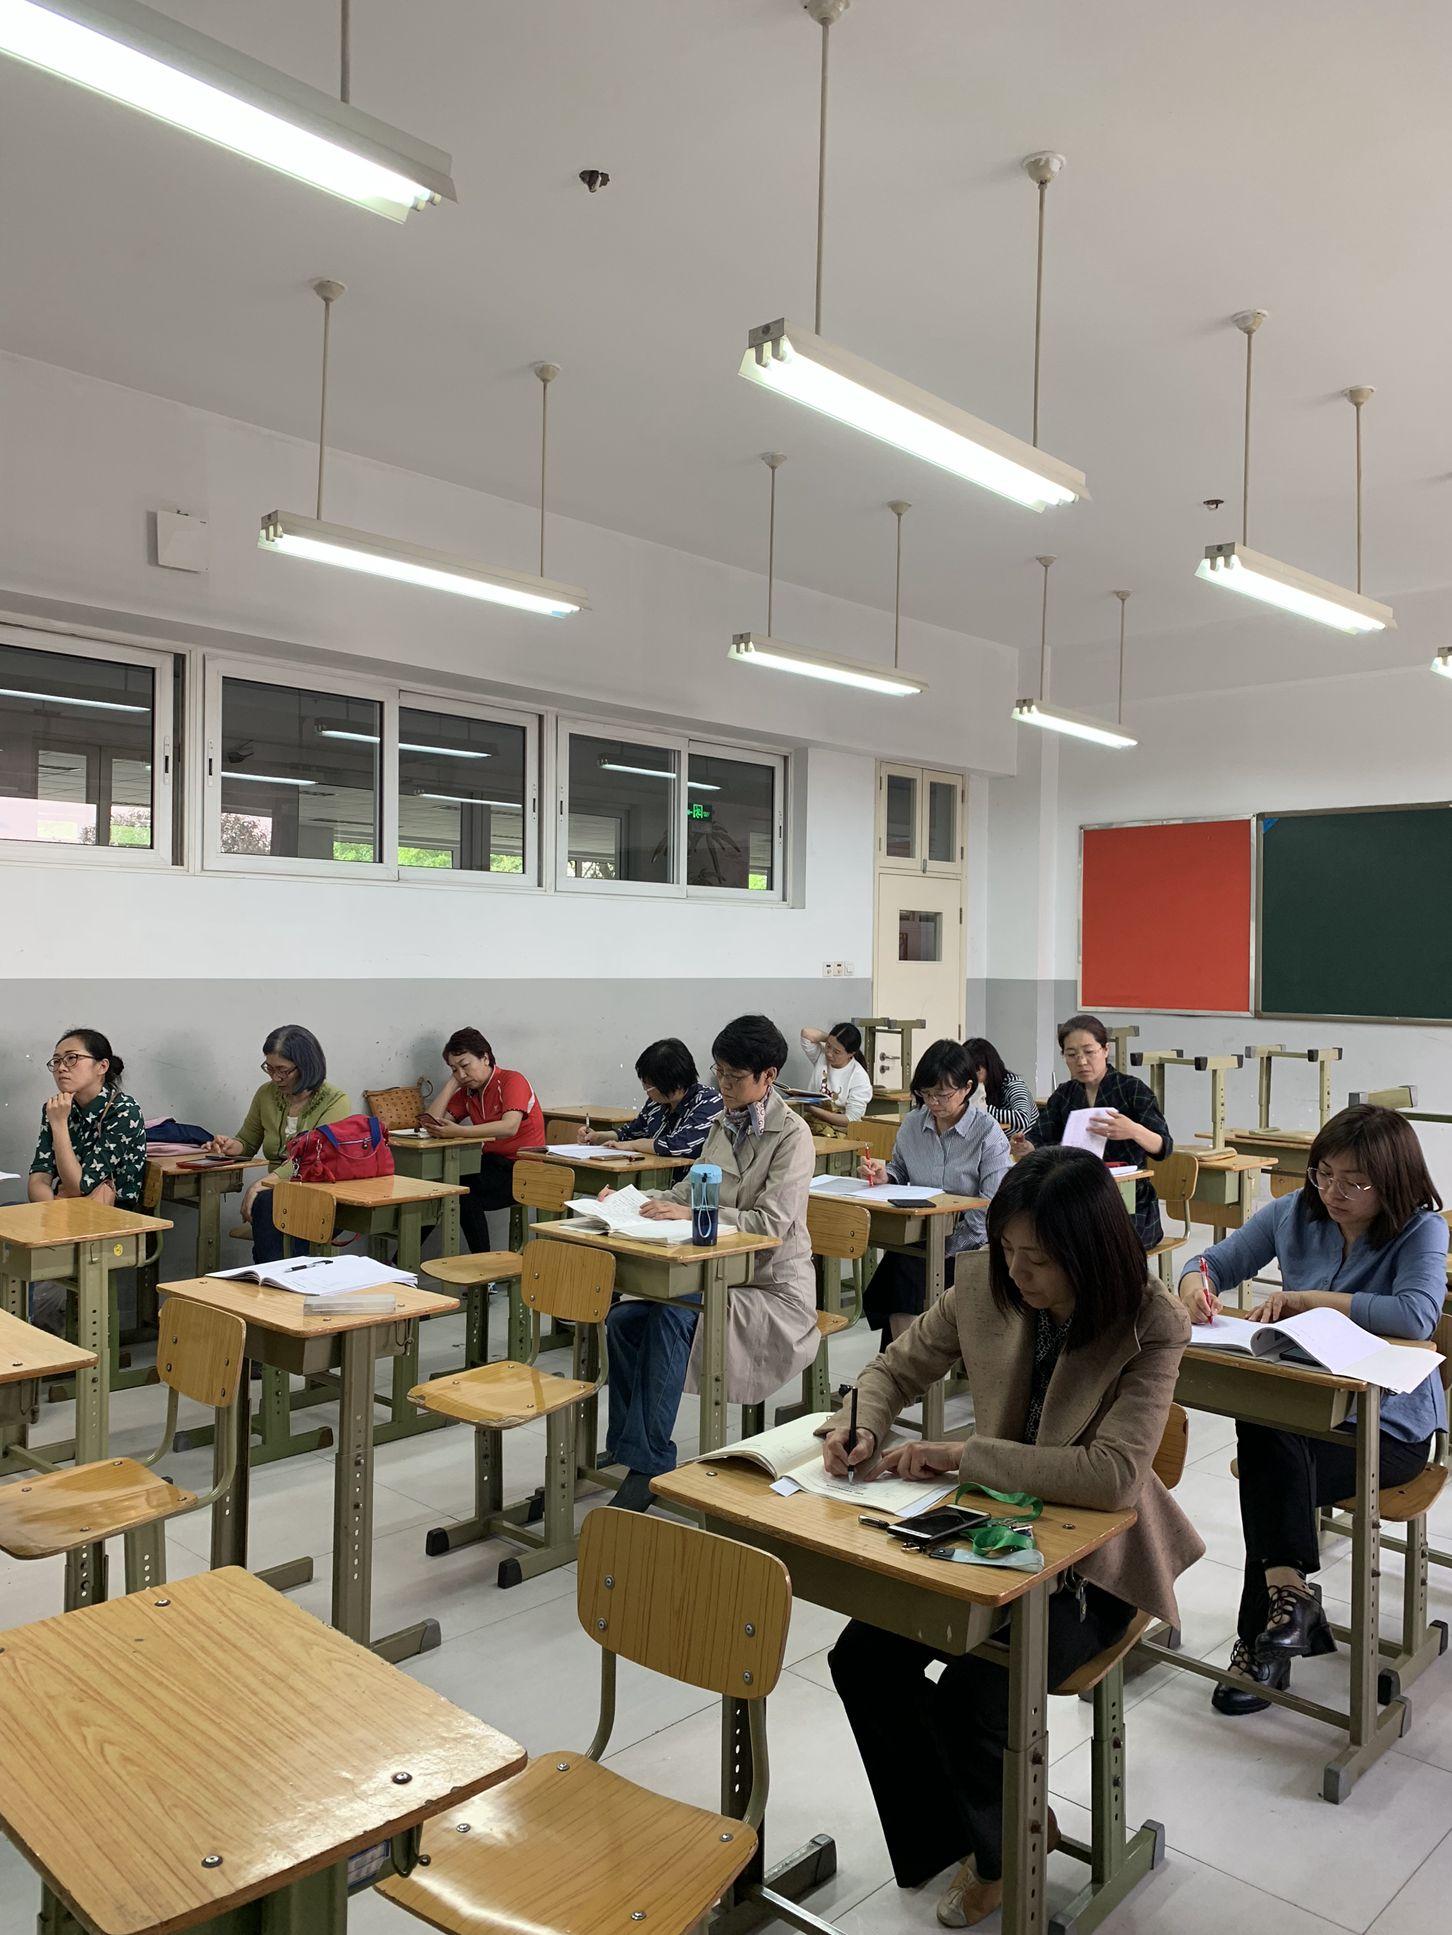 英语组教师专心听讲座.jpg